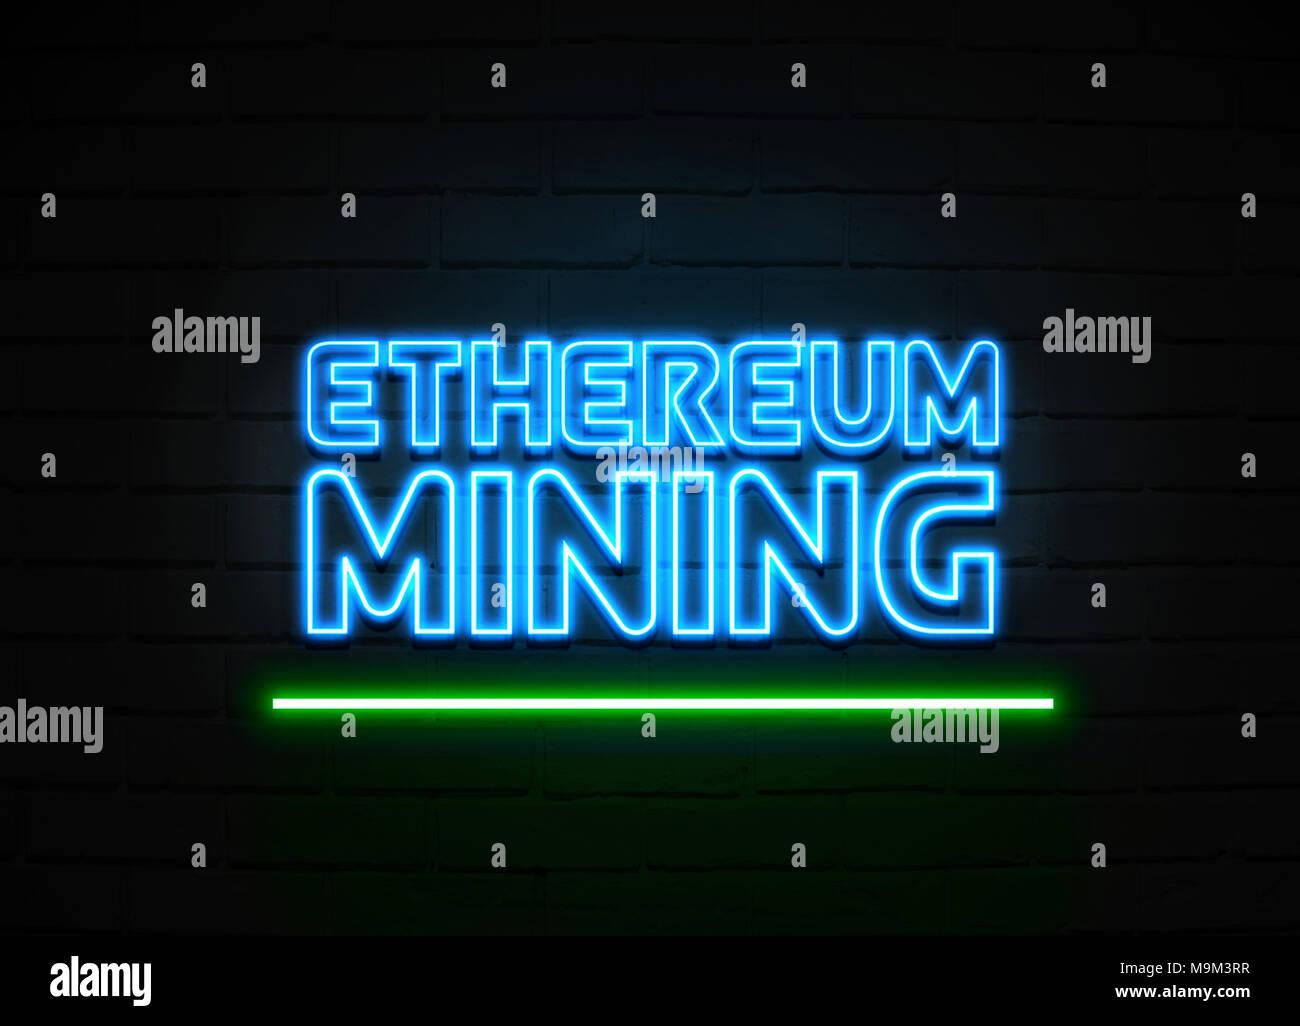 Ethereum Mining Stock Photos & Ethereum Mining Stock Images